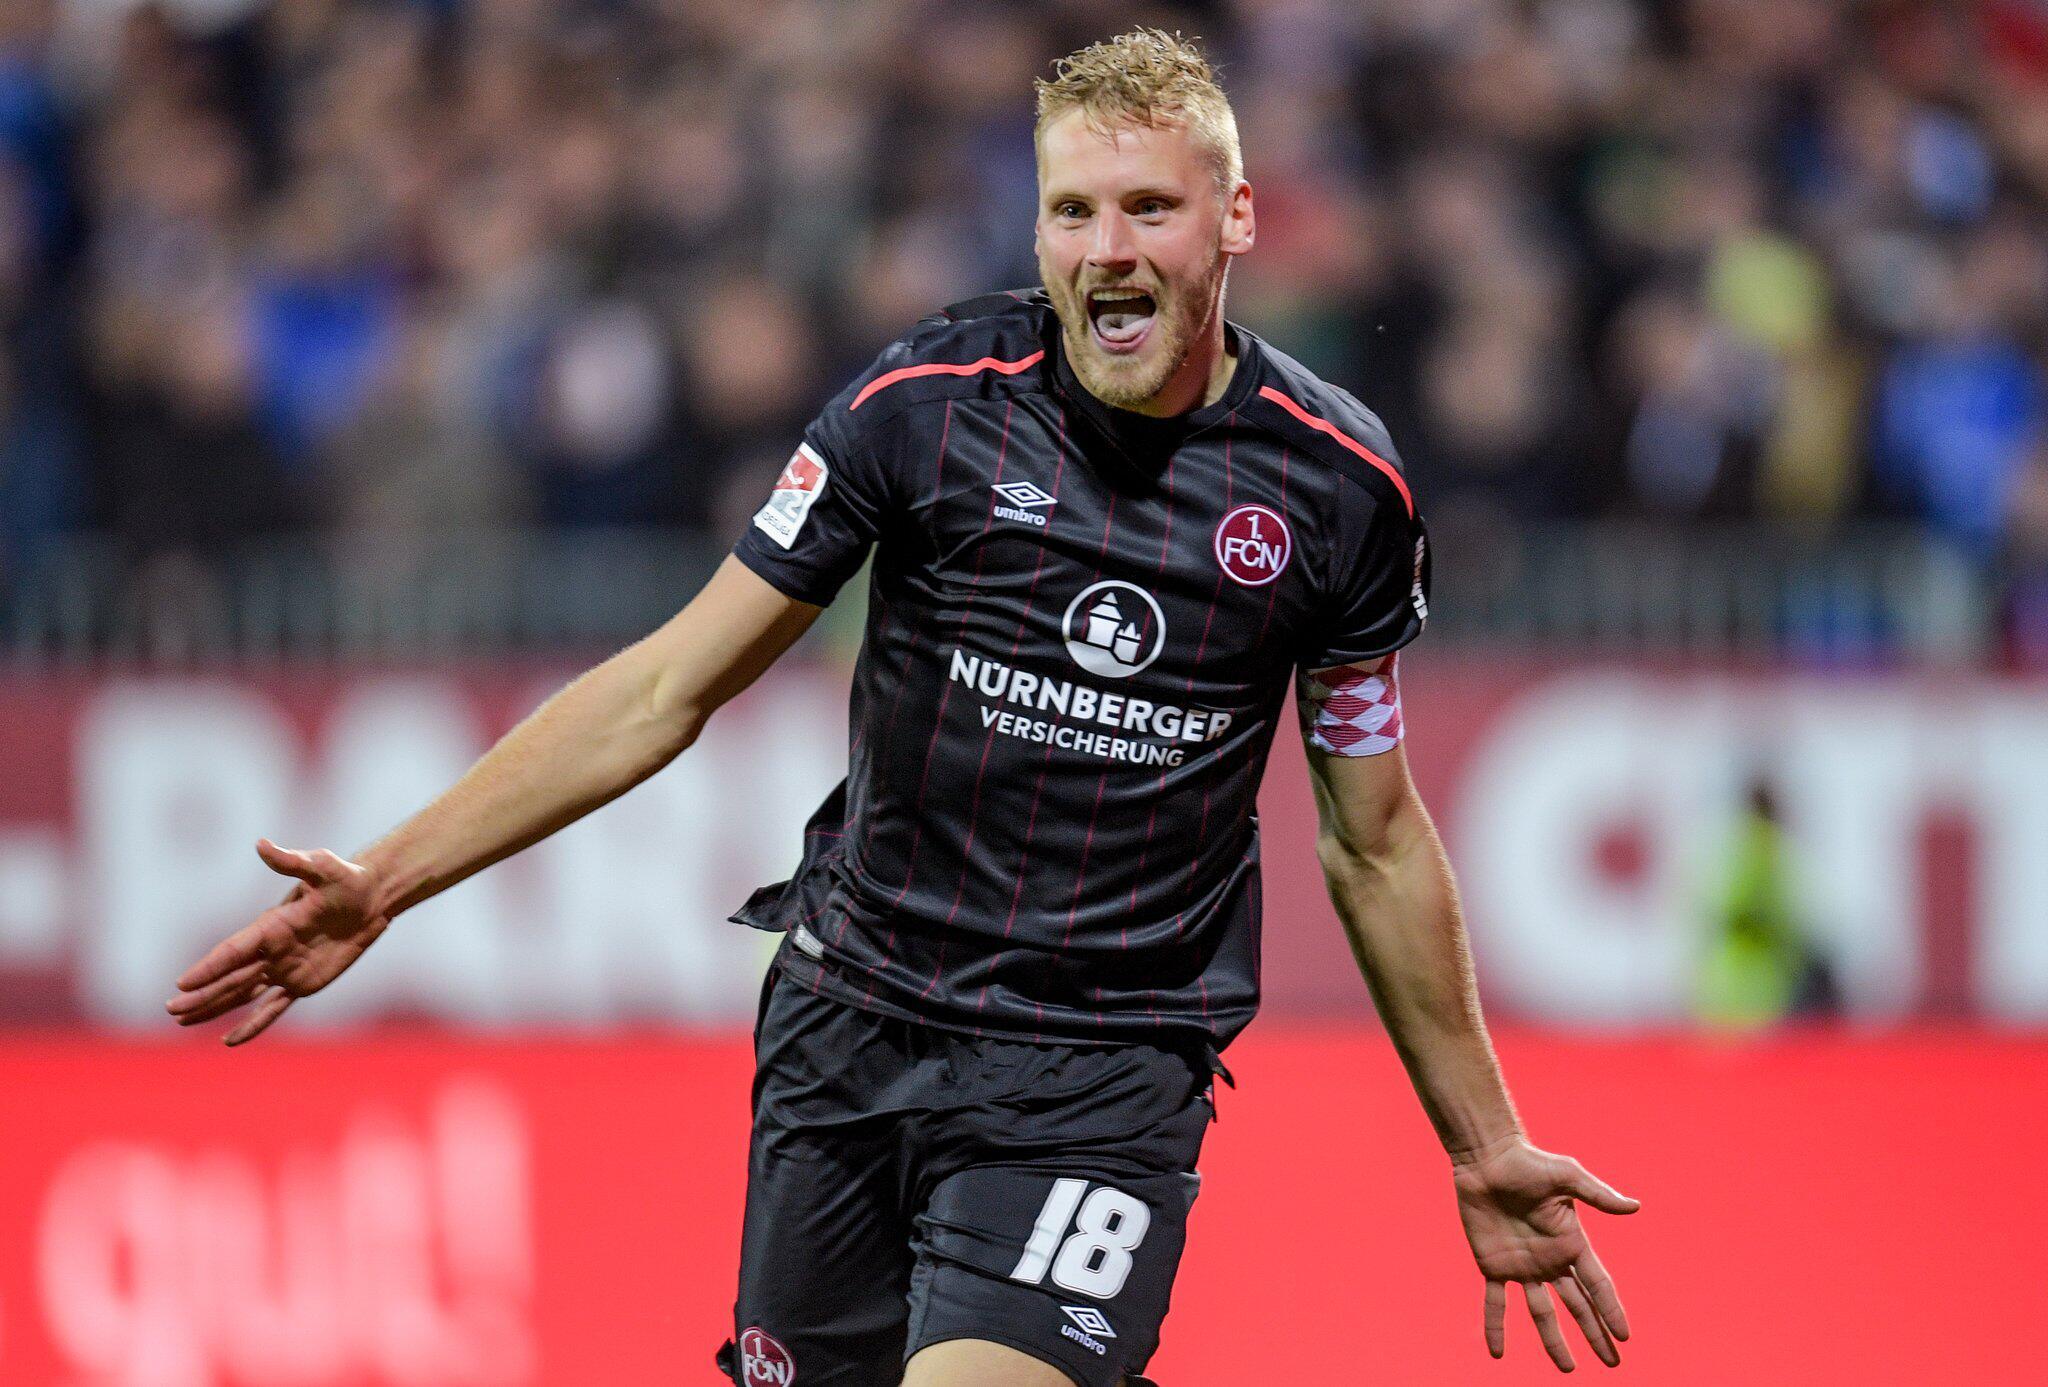 Bild zu Holstein Kiel - 1. FC Nürnberg, Hanno Behrens, 2. Bundesliga, Torjubel, 31. Spieltag